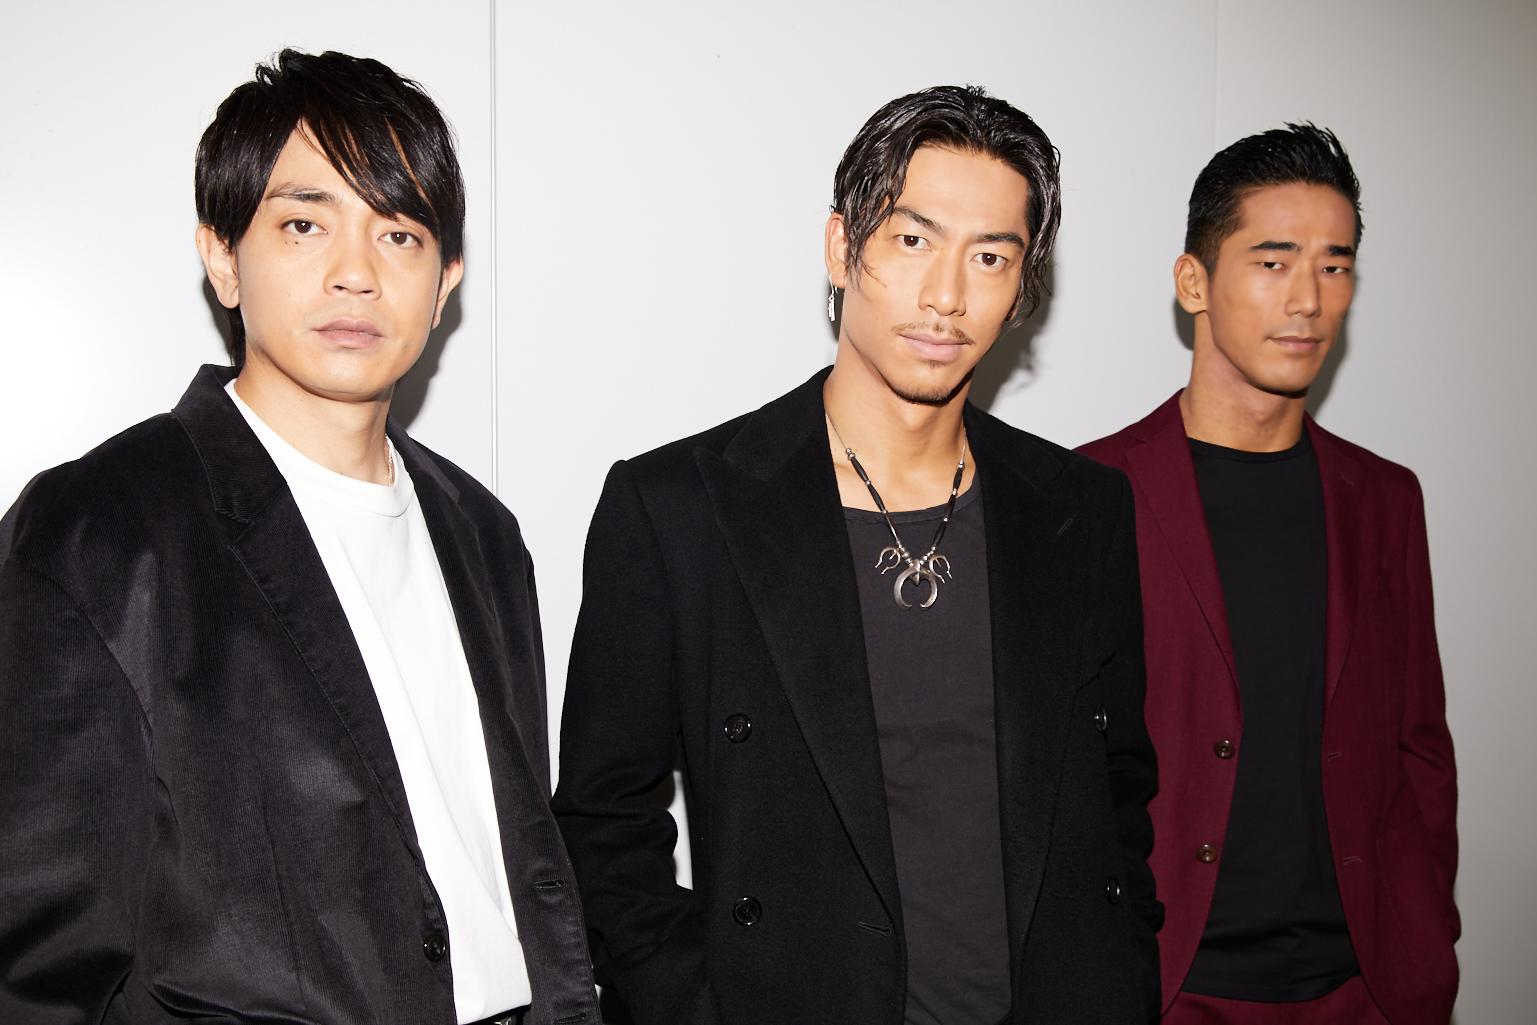 左から、青柳翔、AKIRA、小林直己 撮影=岩間辰徳